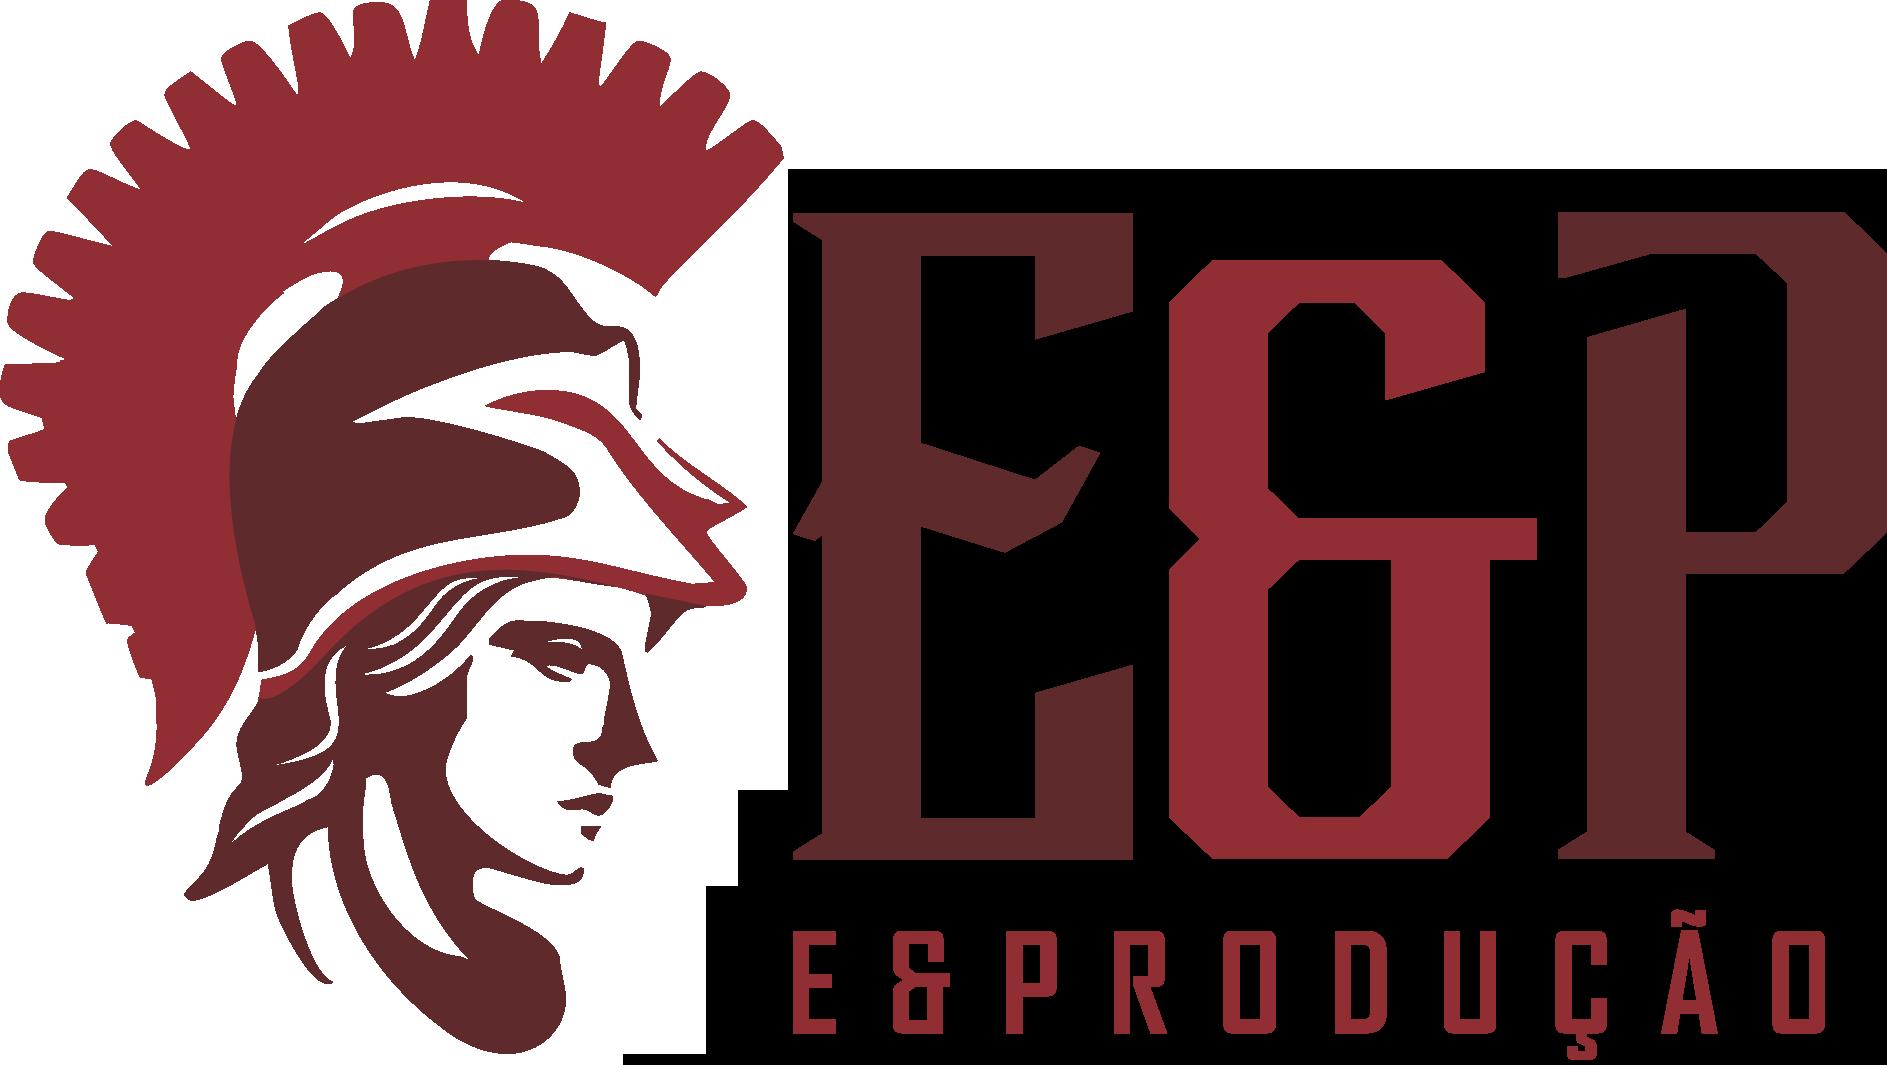 E&Produção